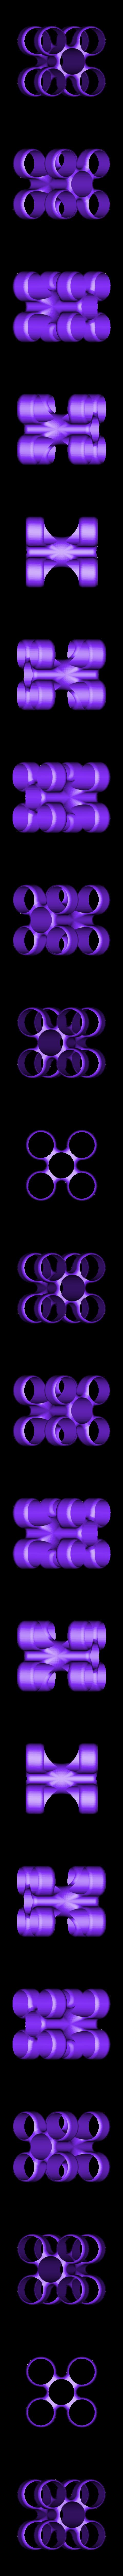 Pièce1.STL Download free STL file Storage unit for wine bottles • 3D printable design, GuilhemPerroud